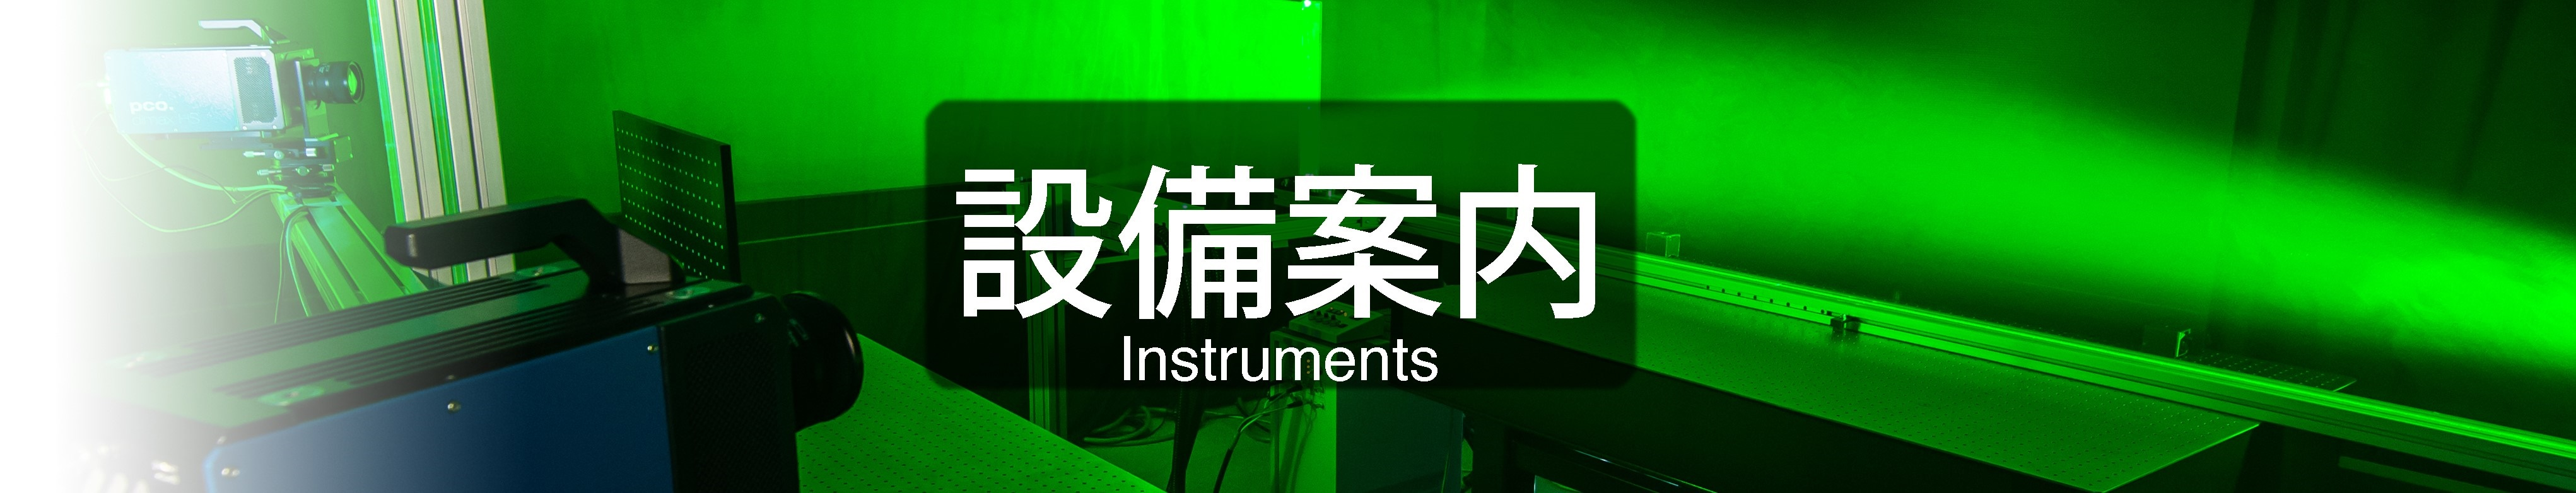 【製品情報】プロジェクション・シュリーレンシステムがNHK番組に取り上げられました。